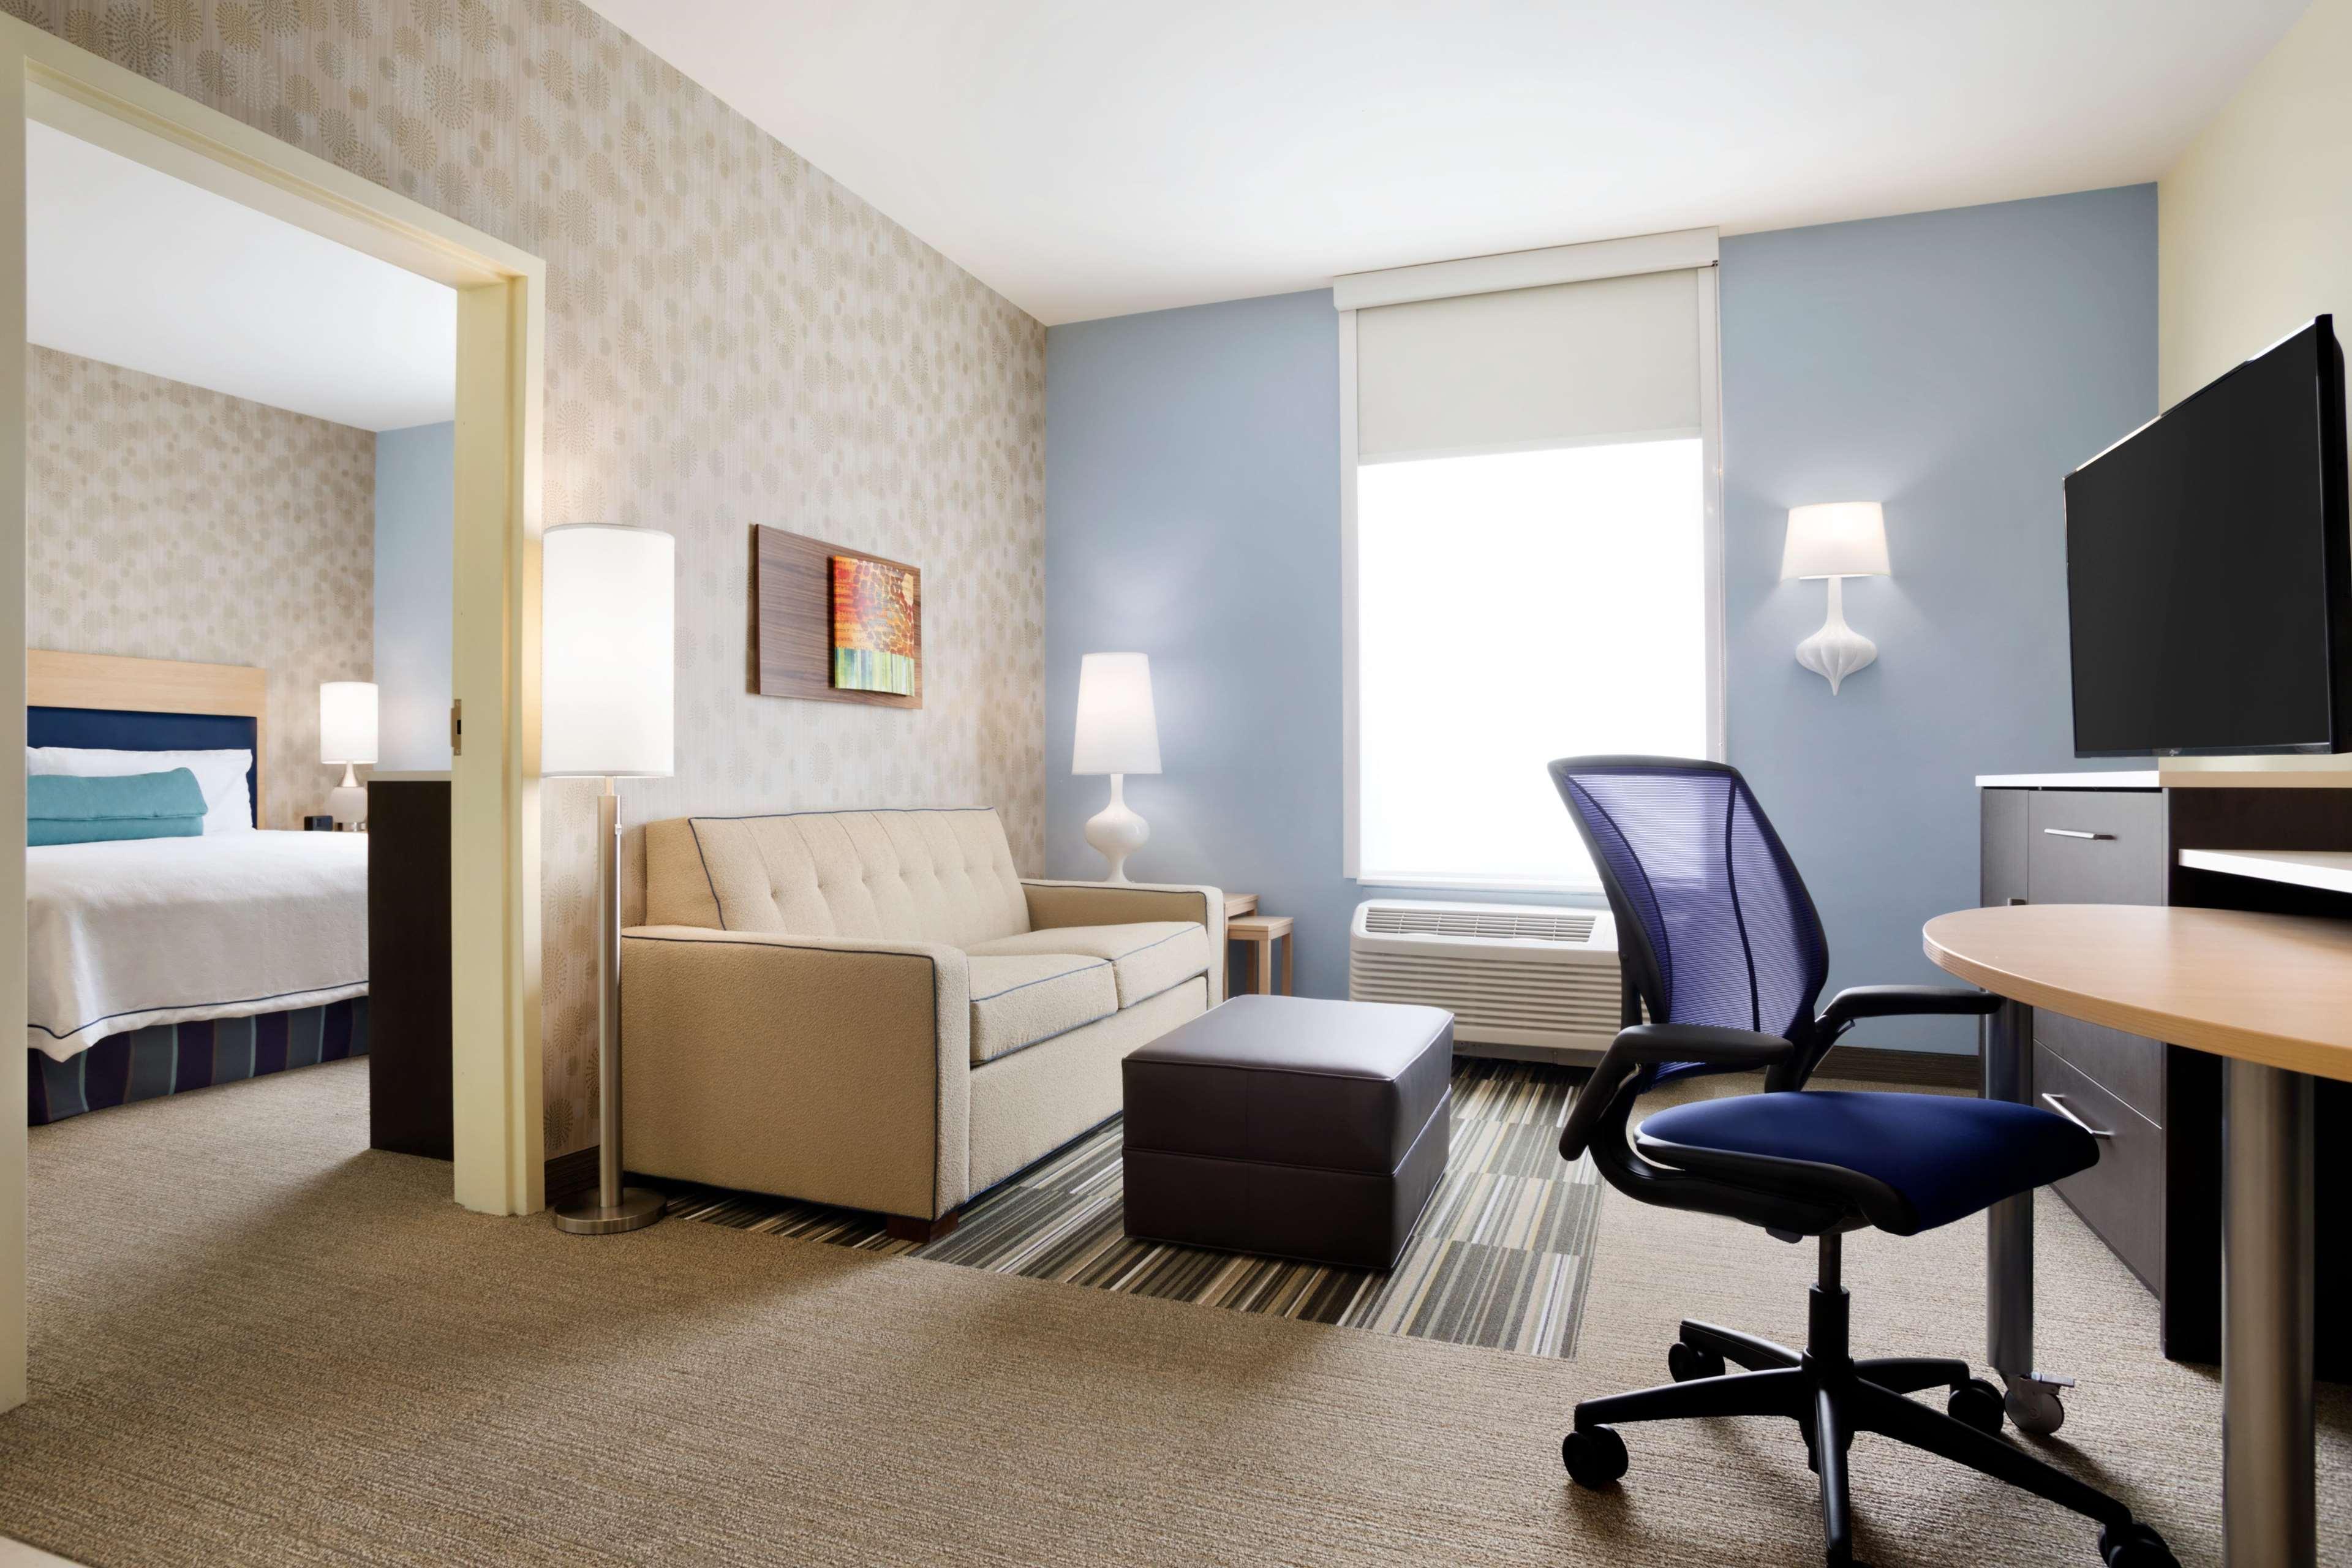 Home2 Suites by Hilton McAllen image 37